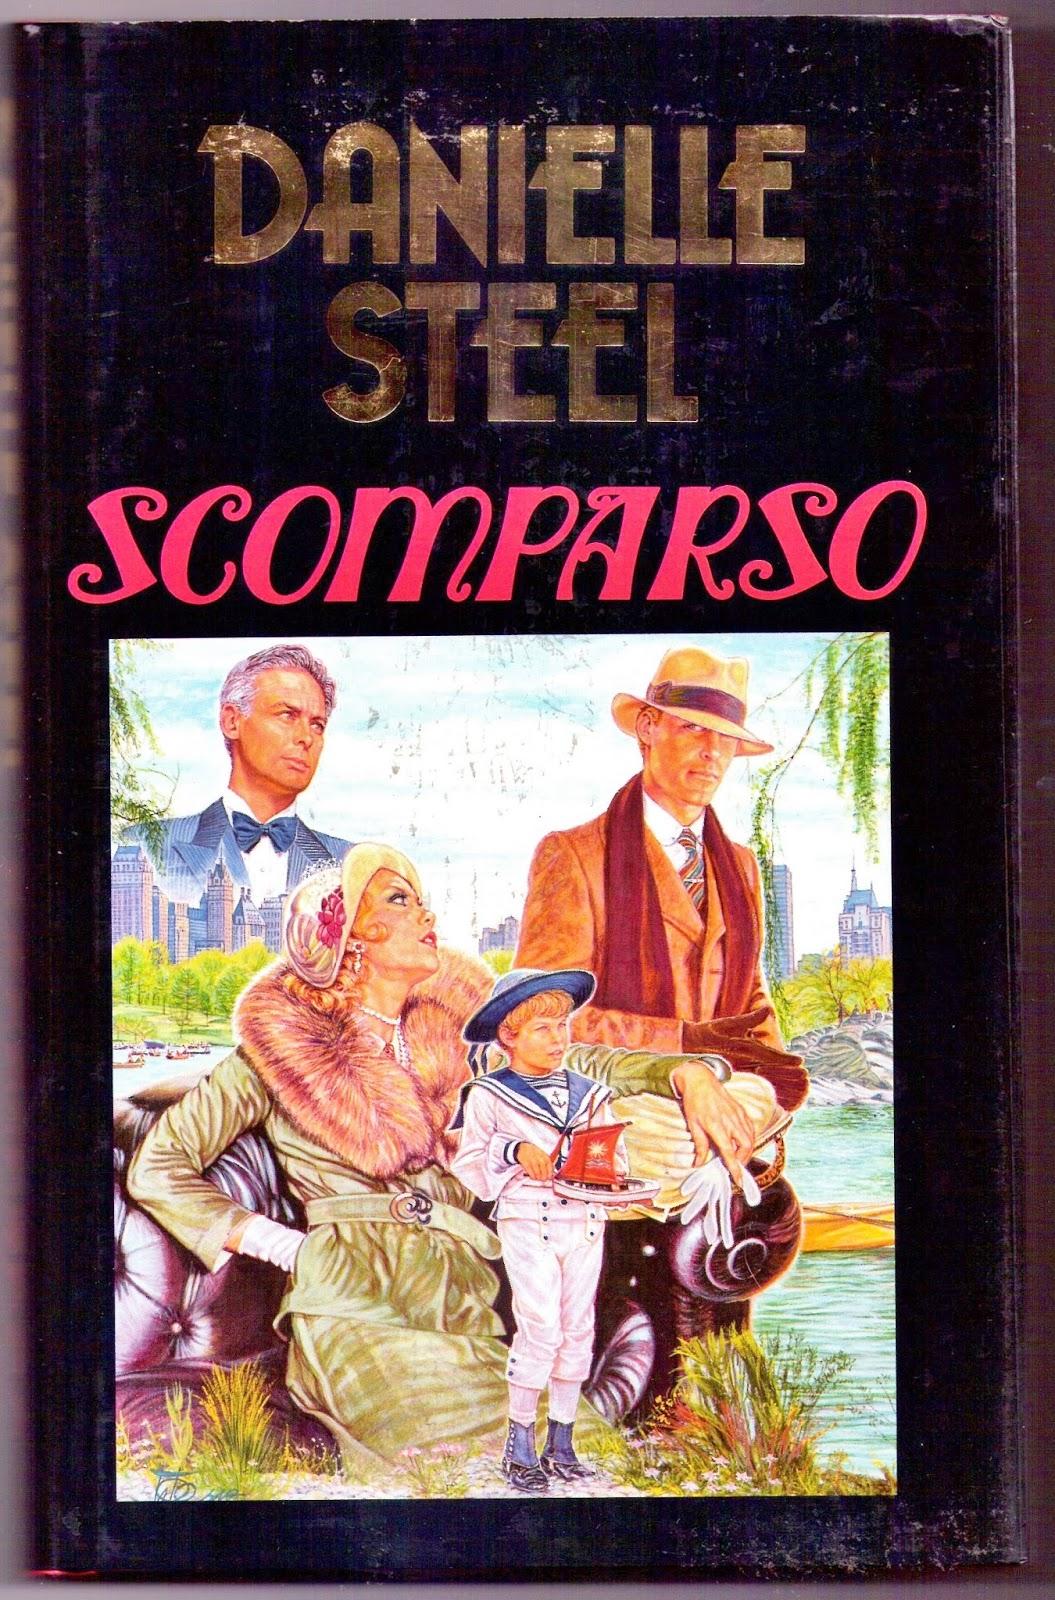 Libri usati in vendita scomparso di danielle steel for Libri usati vendita